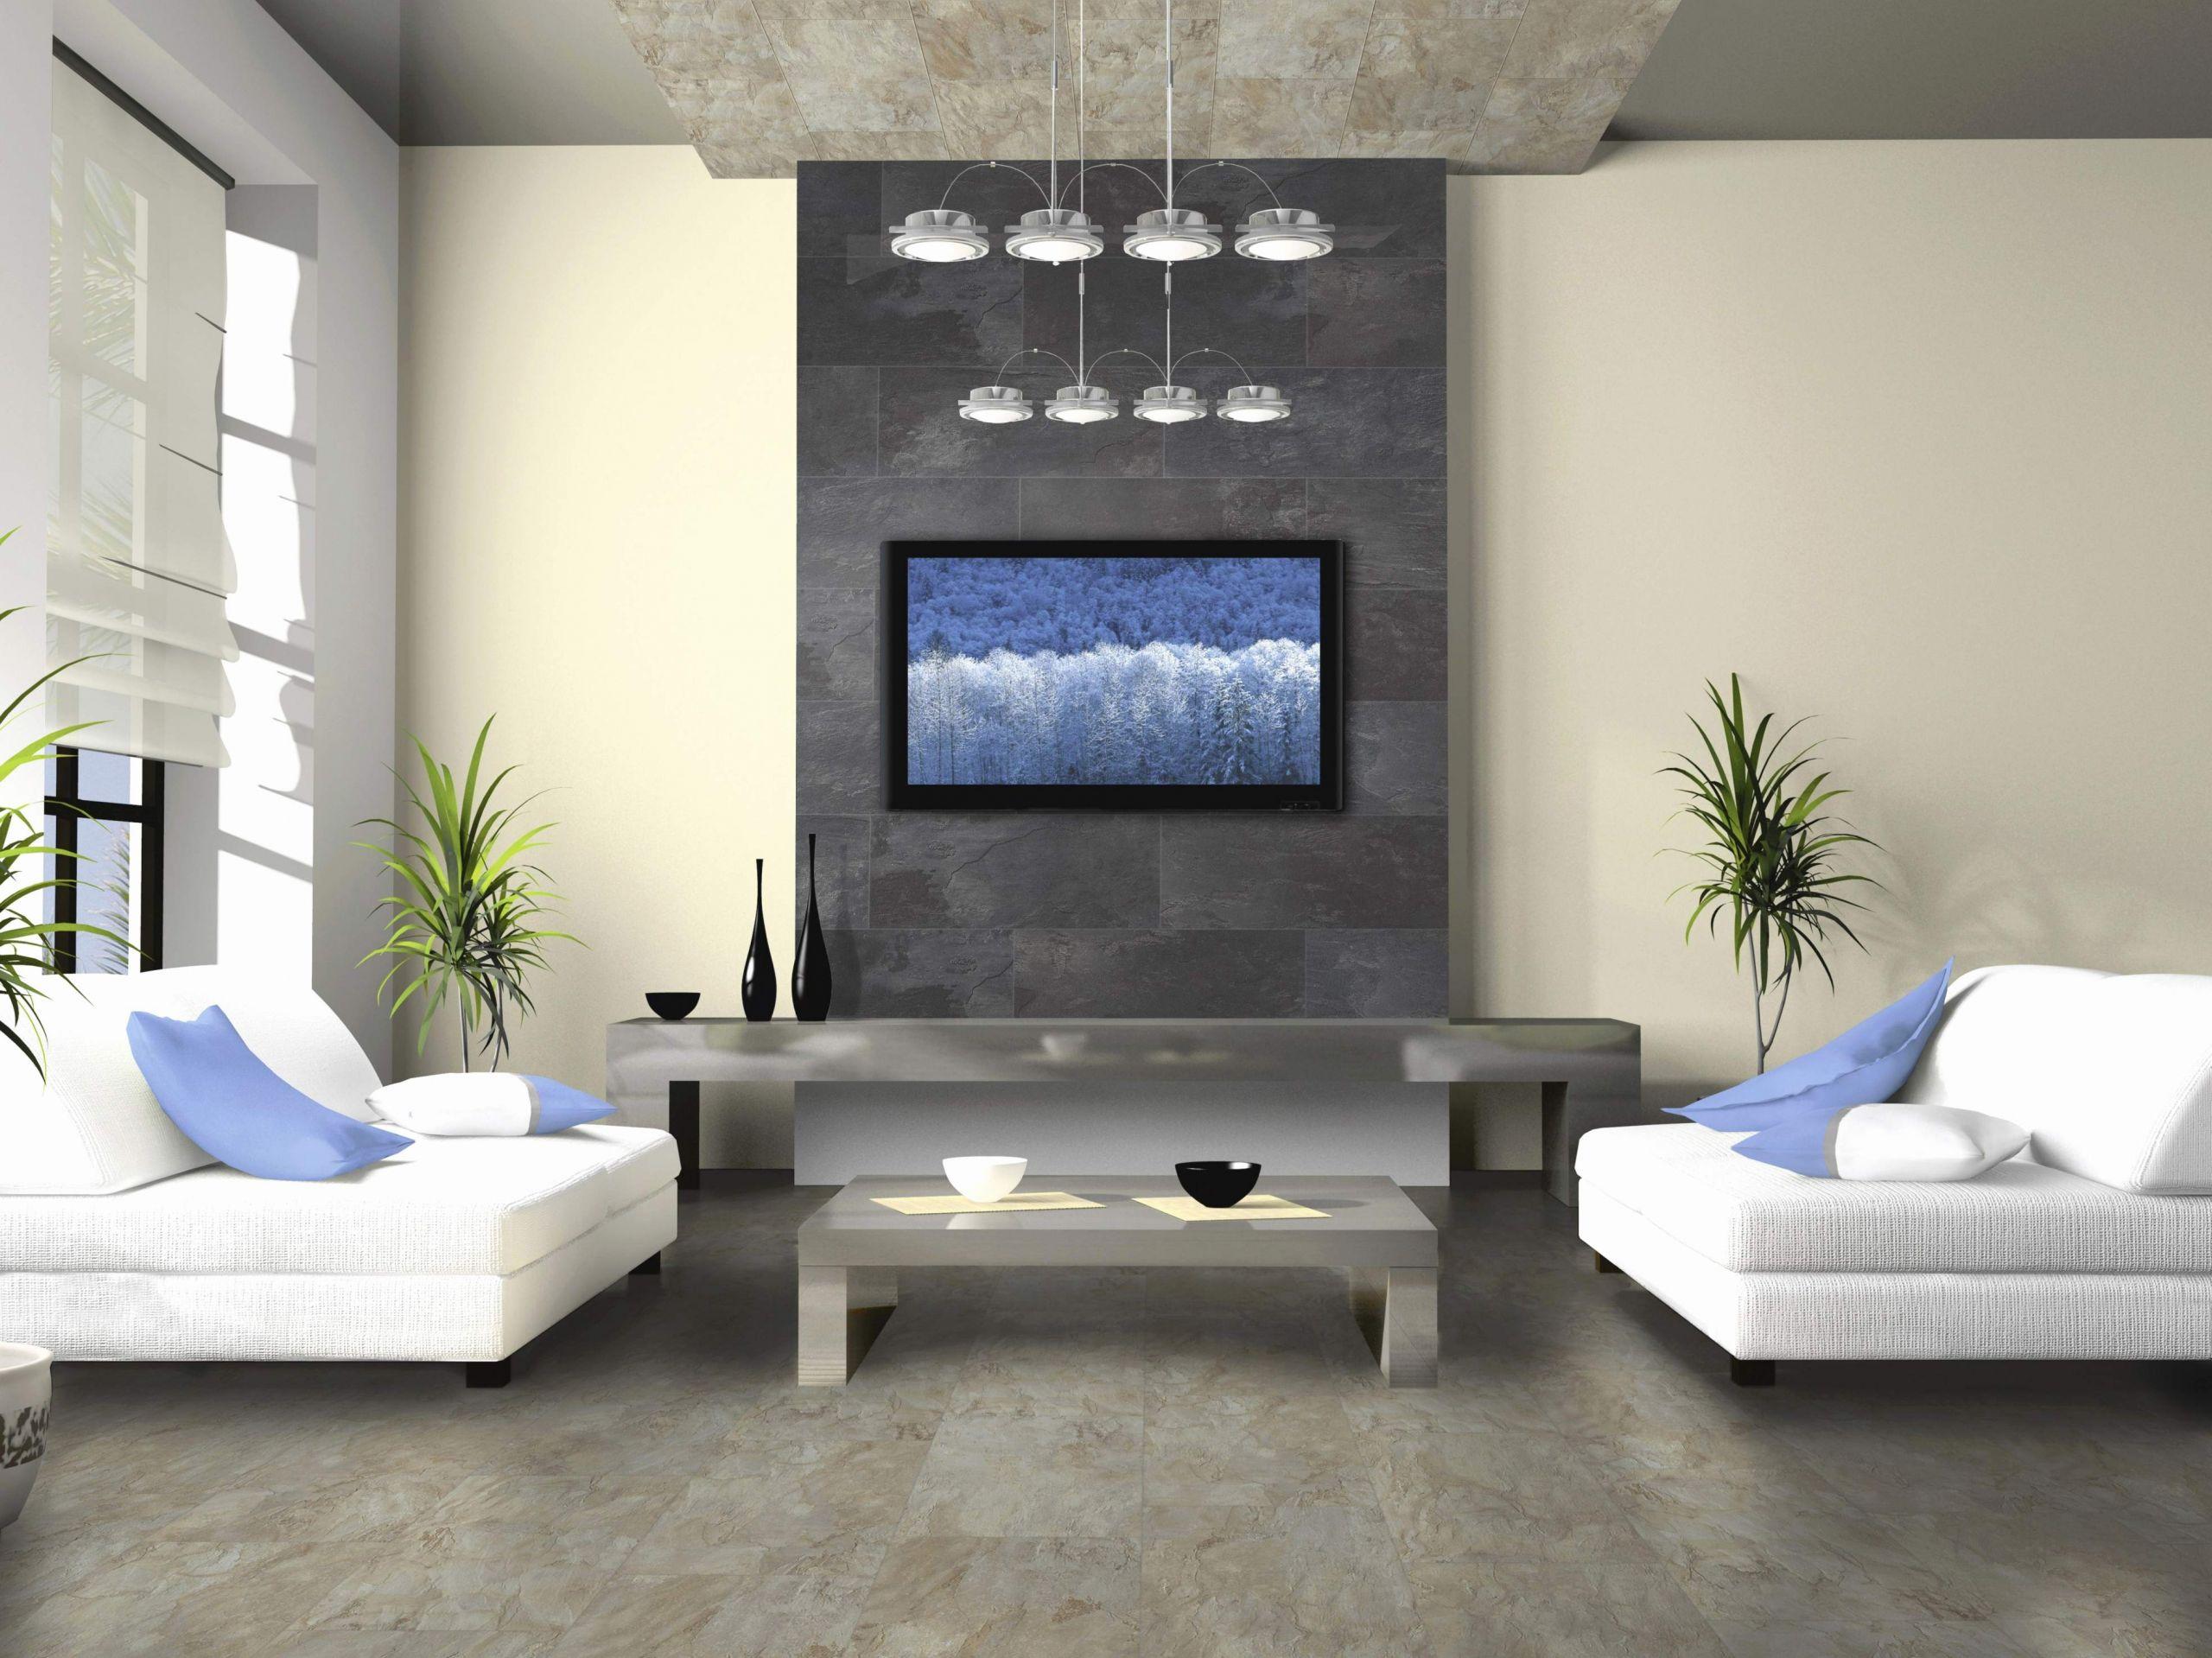 wohnzimmer design ideen genial deko ideen wohnzimmerwand einzigartig wohnzimmer wand 0d of wohnzimmer design ideen scaled